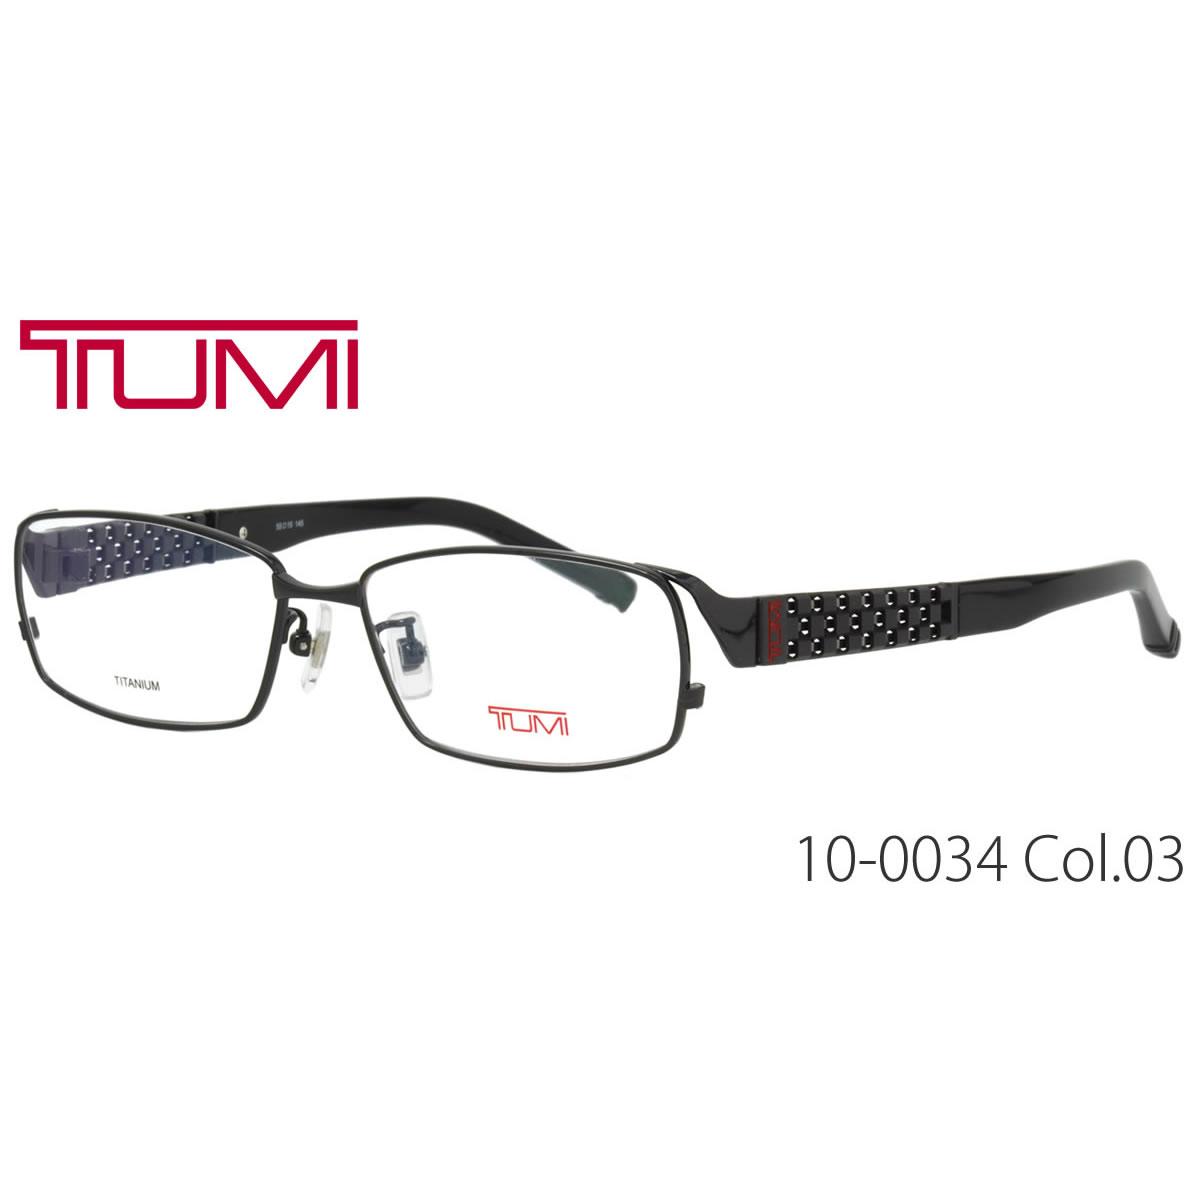 トゥミ メガネ 10-0034 03 55サイズ TUMI ビジネスバッグで人気のブランド メンズ